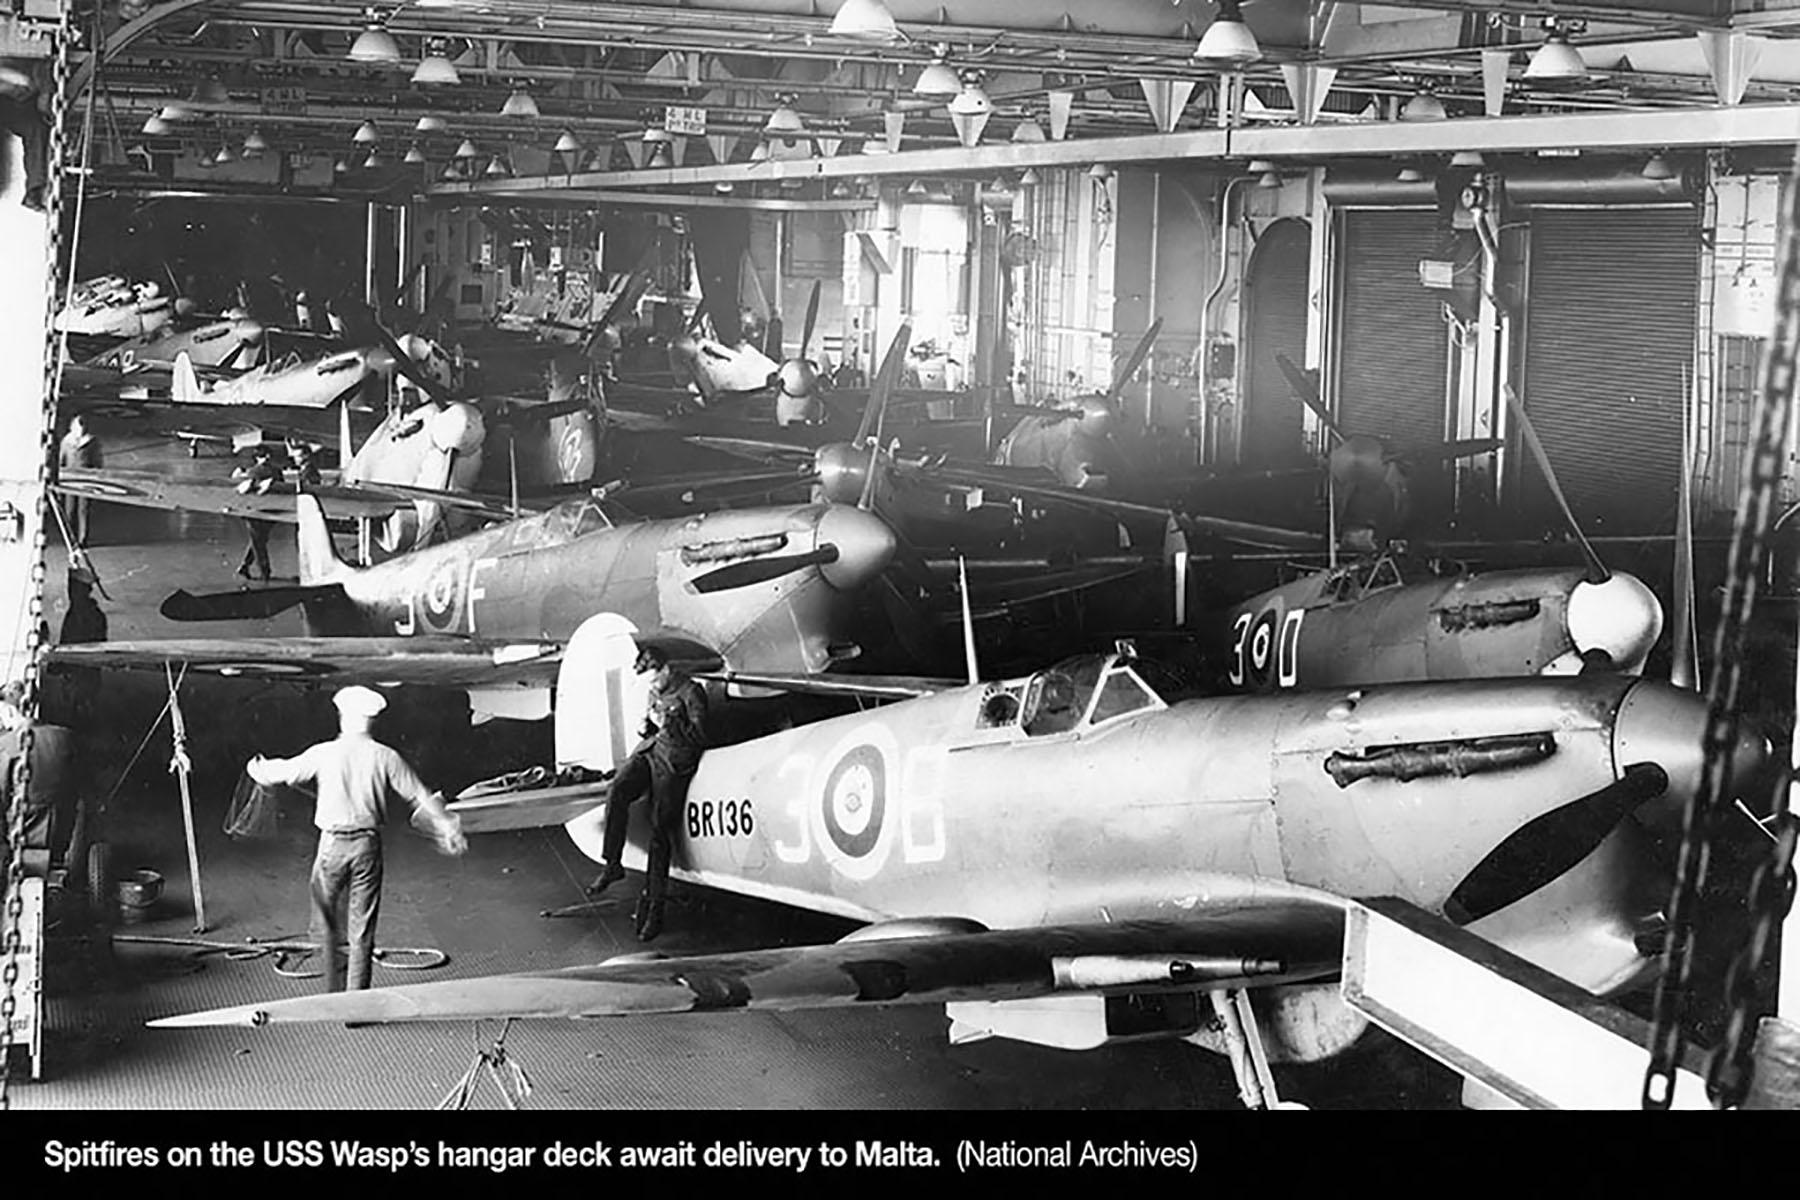 Spitfire-MkVcTrop-RAF-3B-BR136-USS-Wasp-